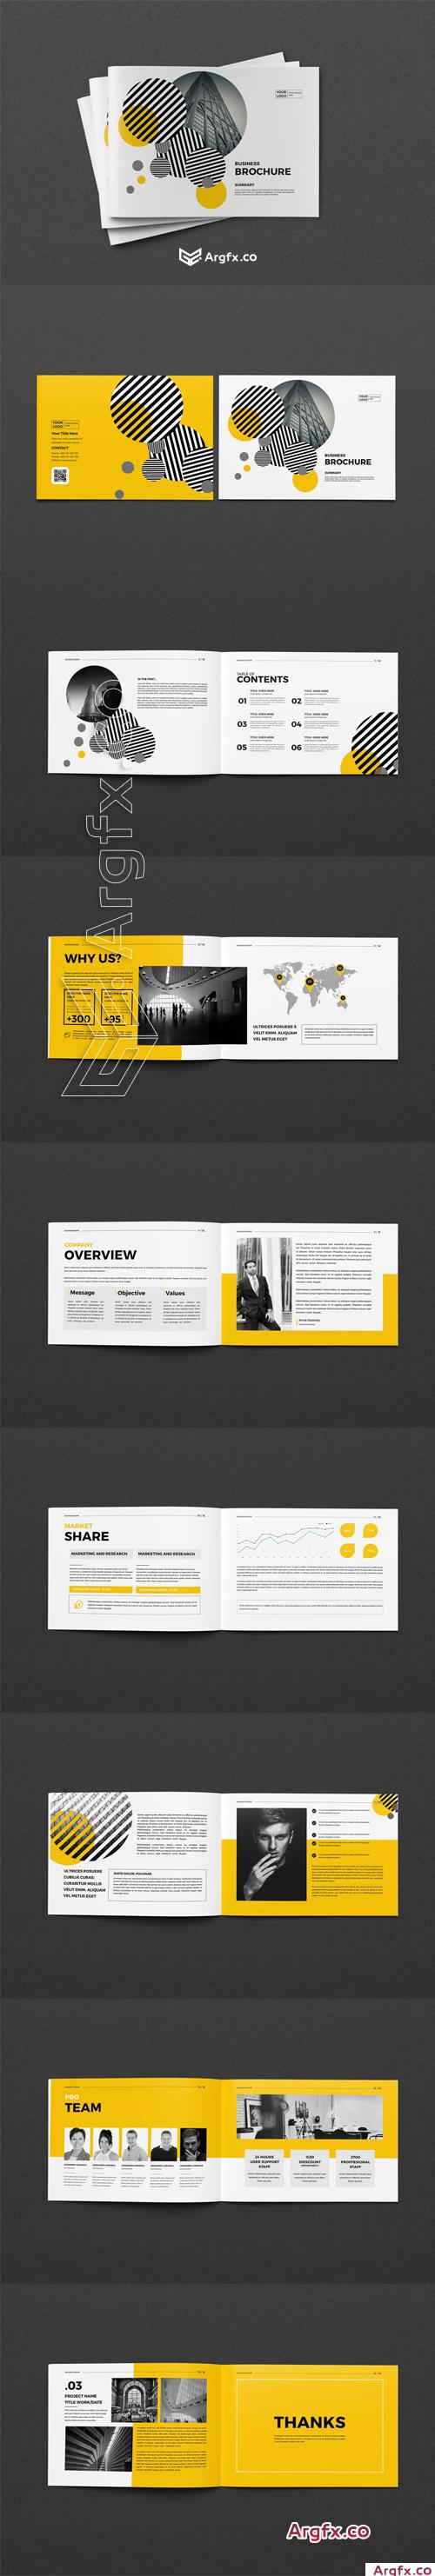 CreativeMarket - A5 Business Brochure 4359298